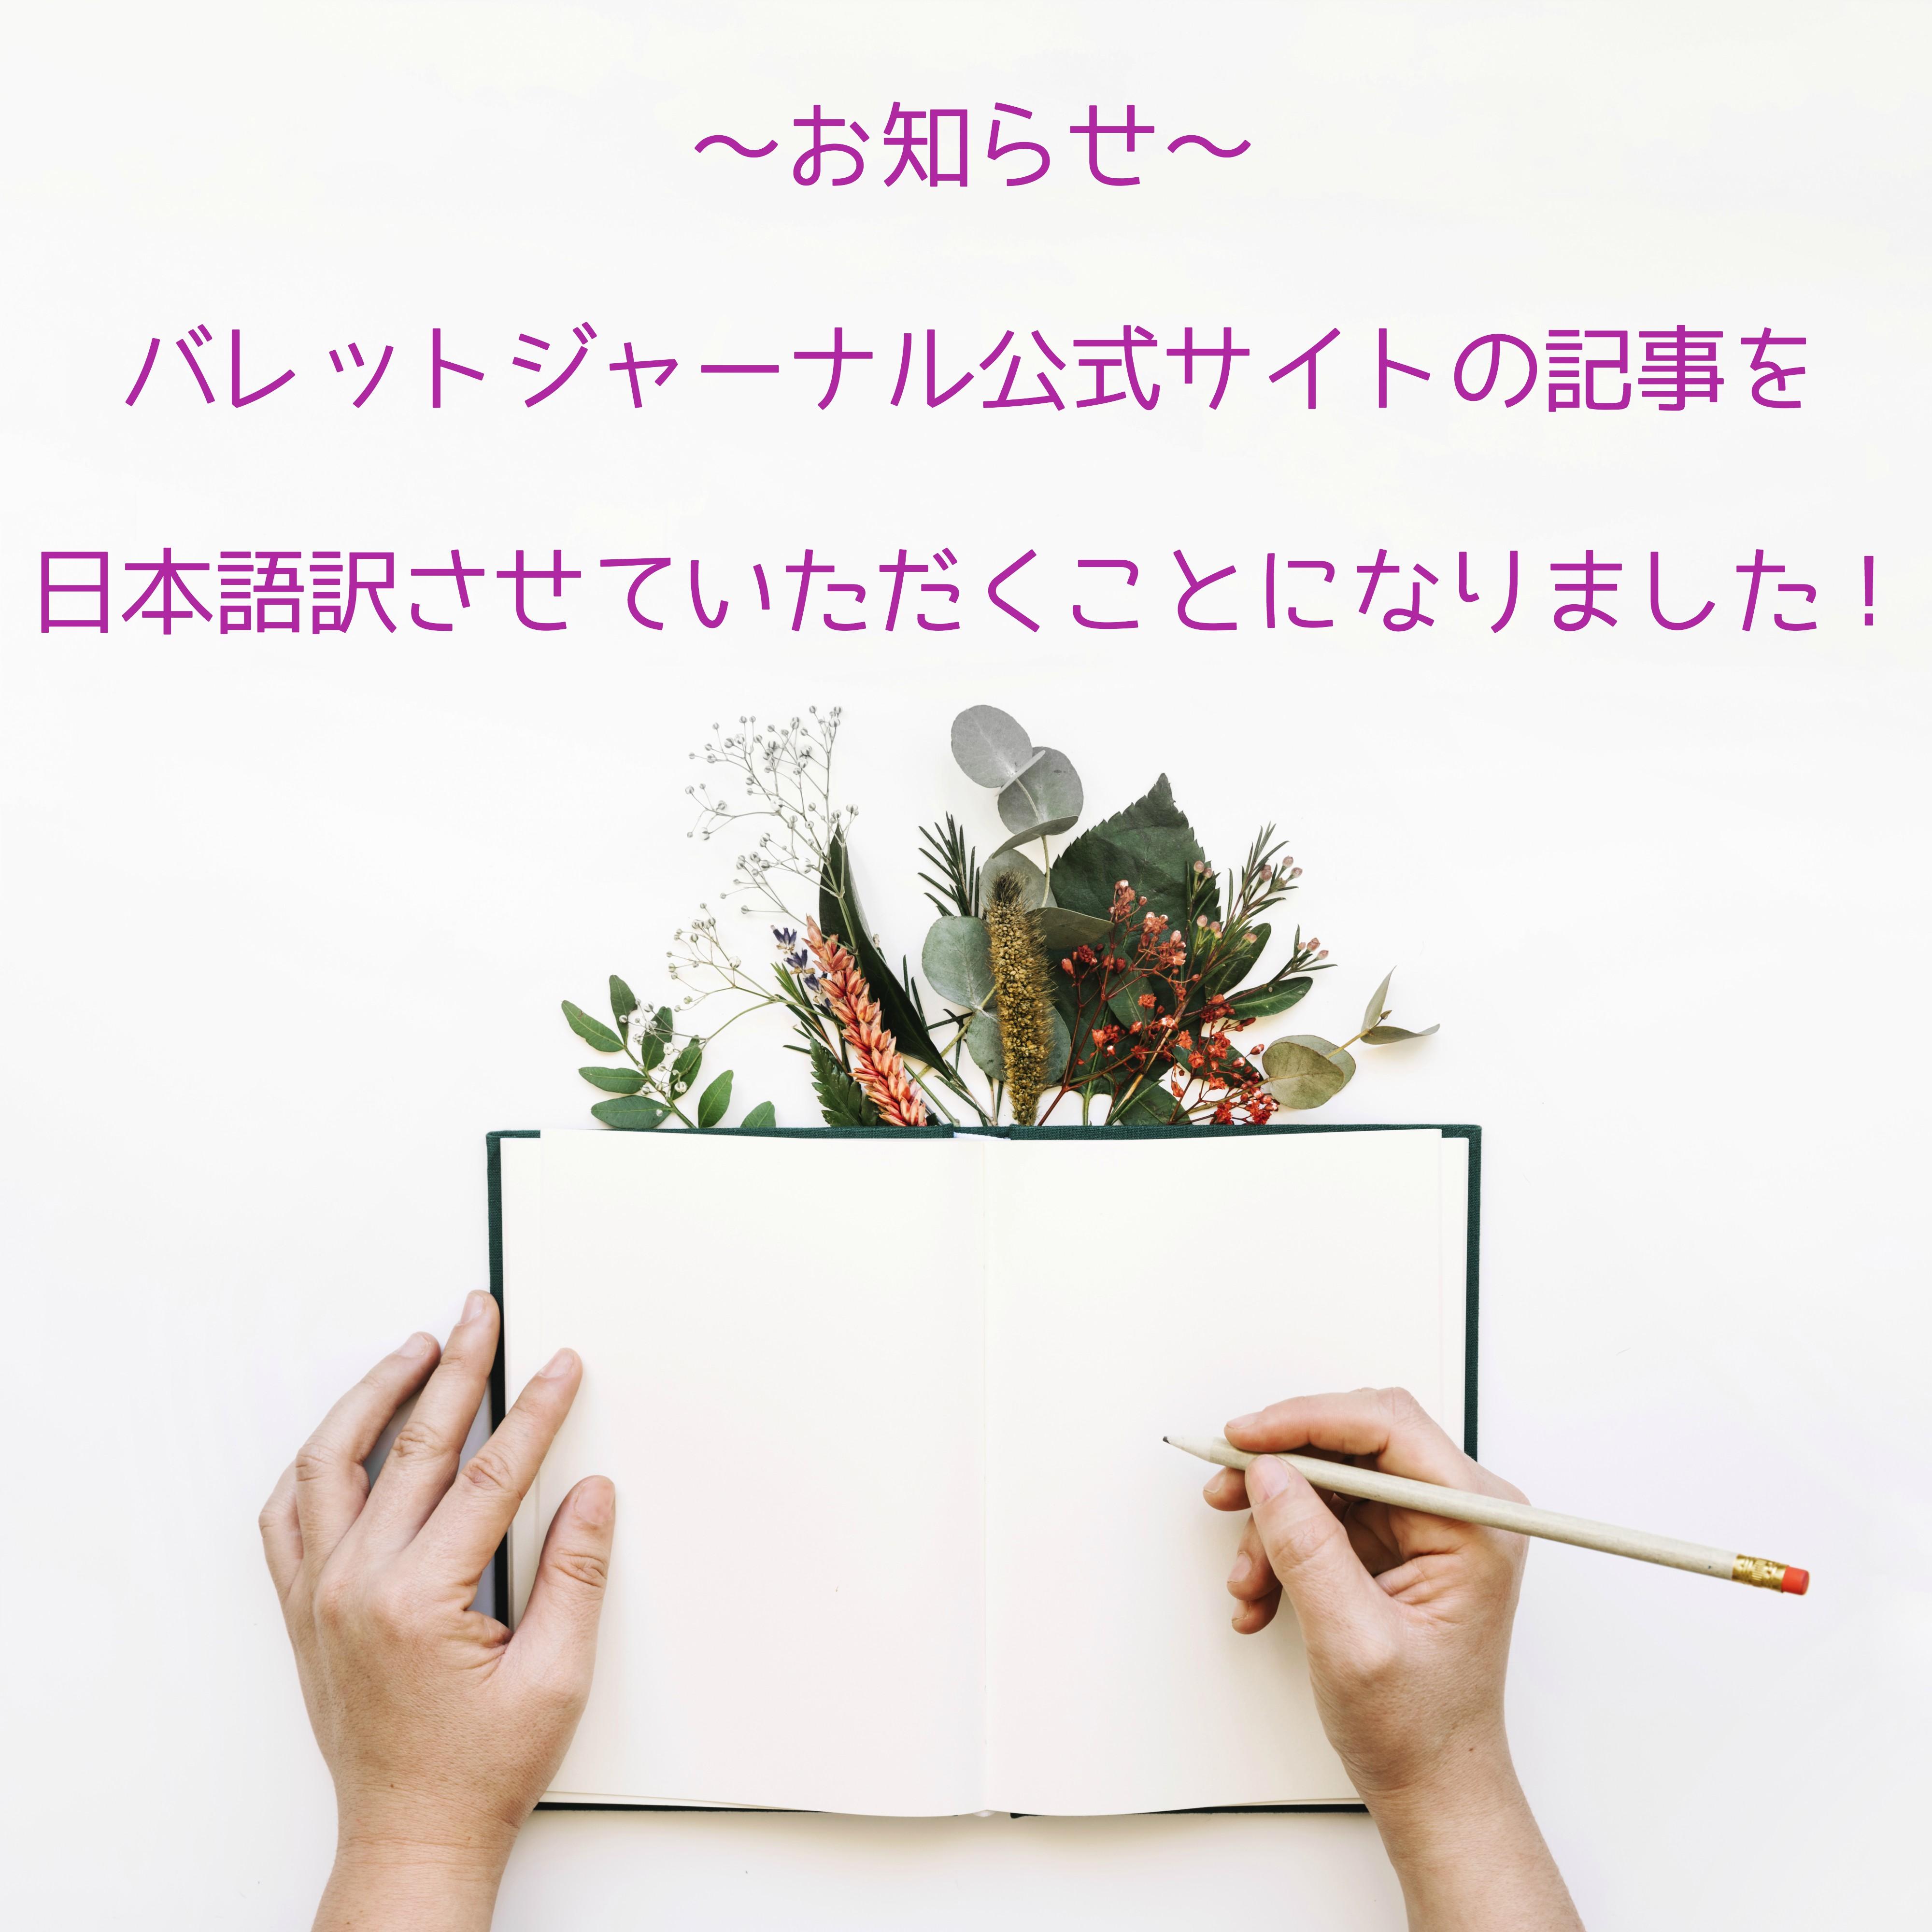 【お知らせ】バレットジャーナル公式サイトの日本語訳をさせていただくことになりました!